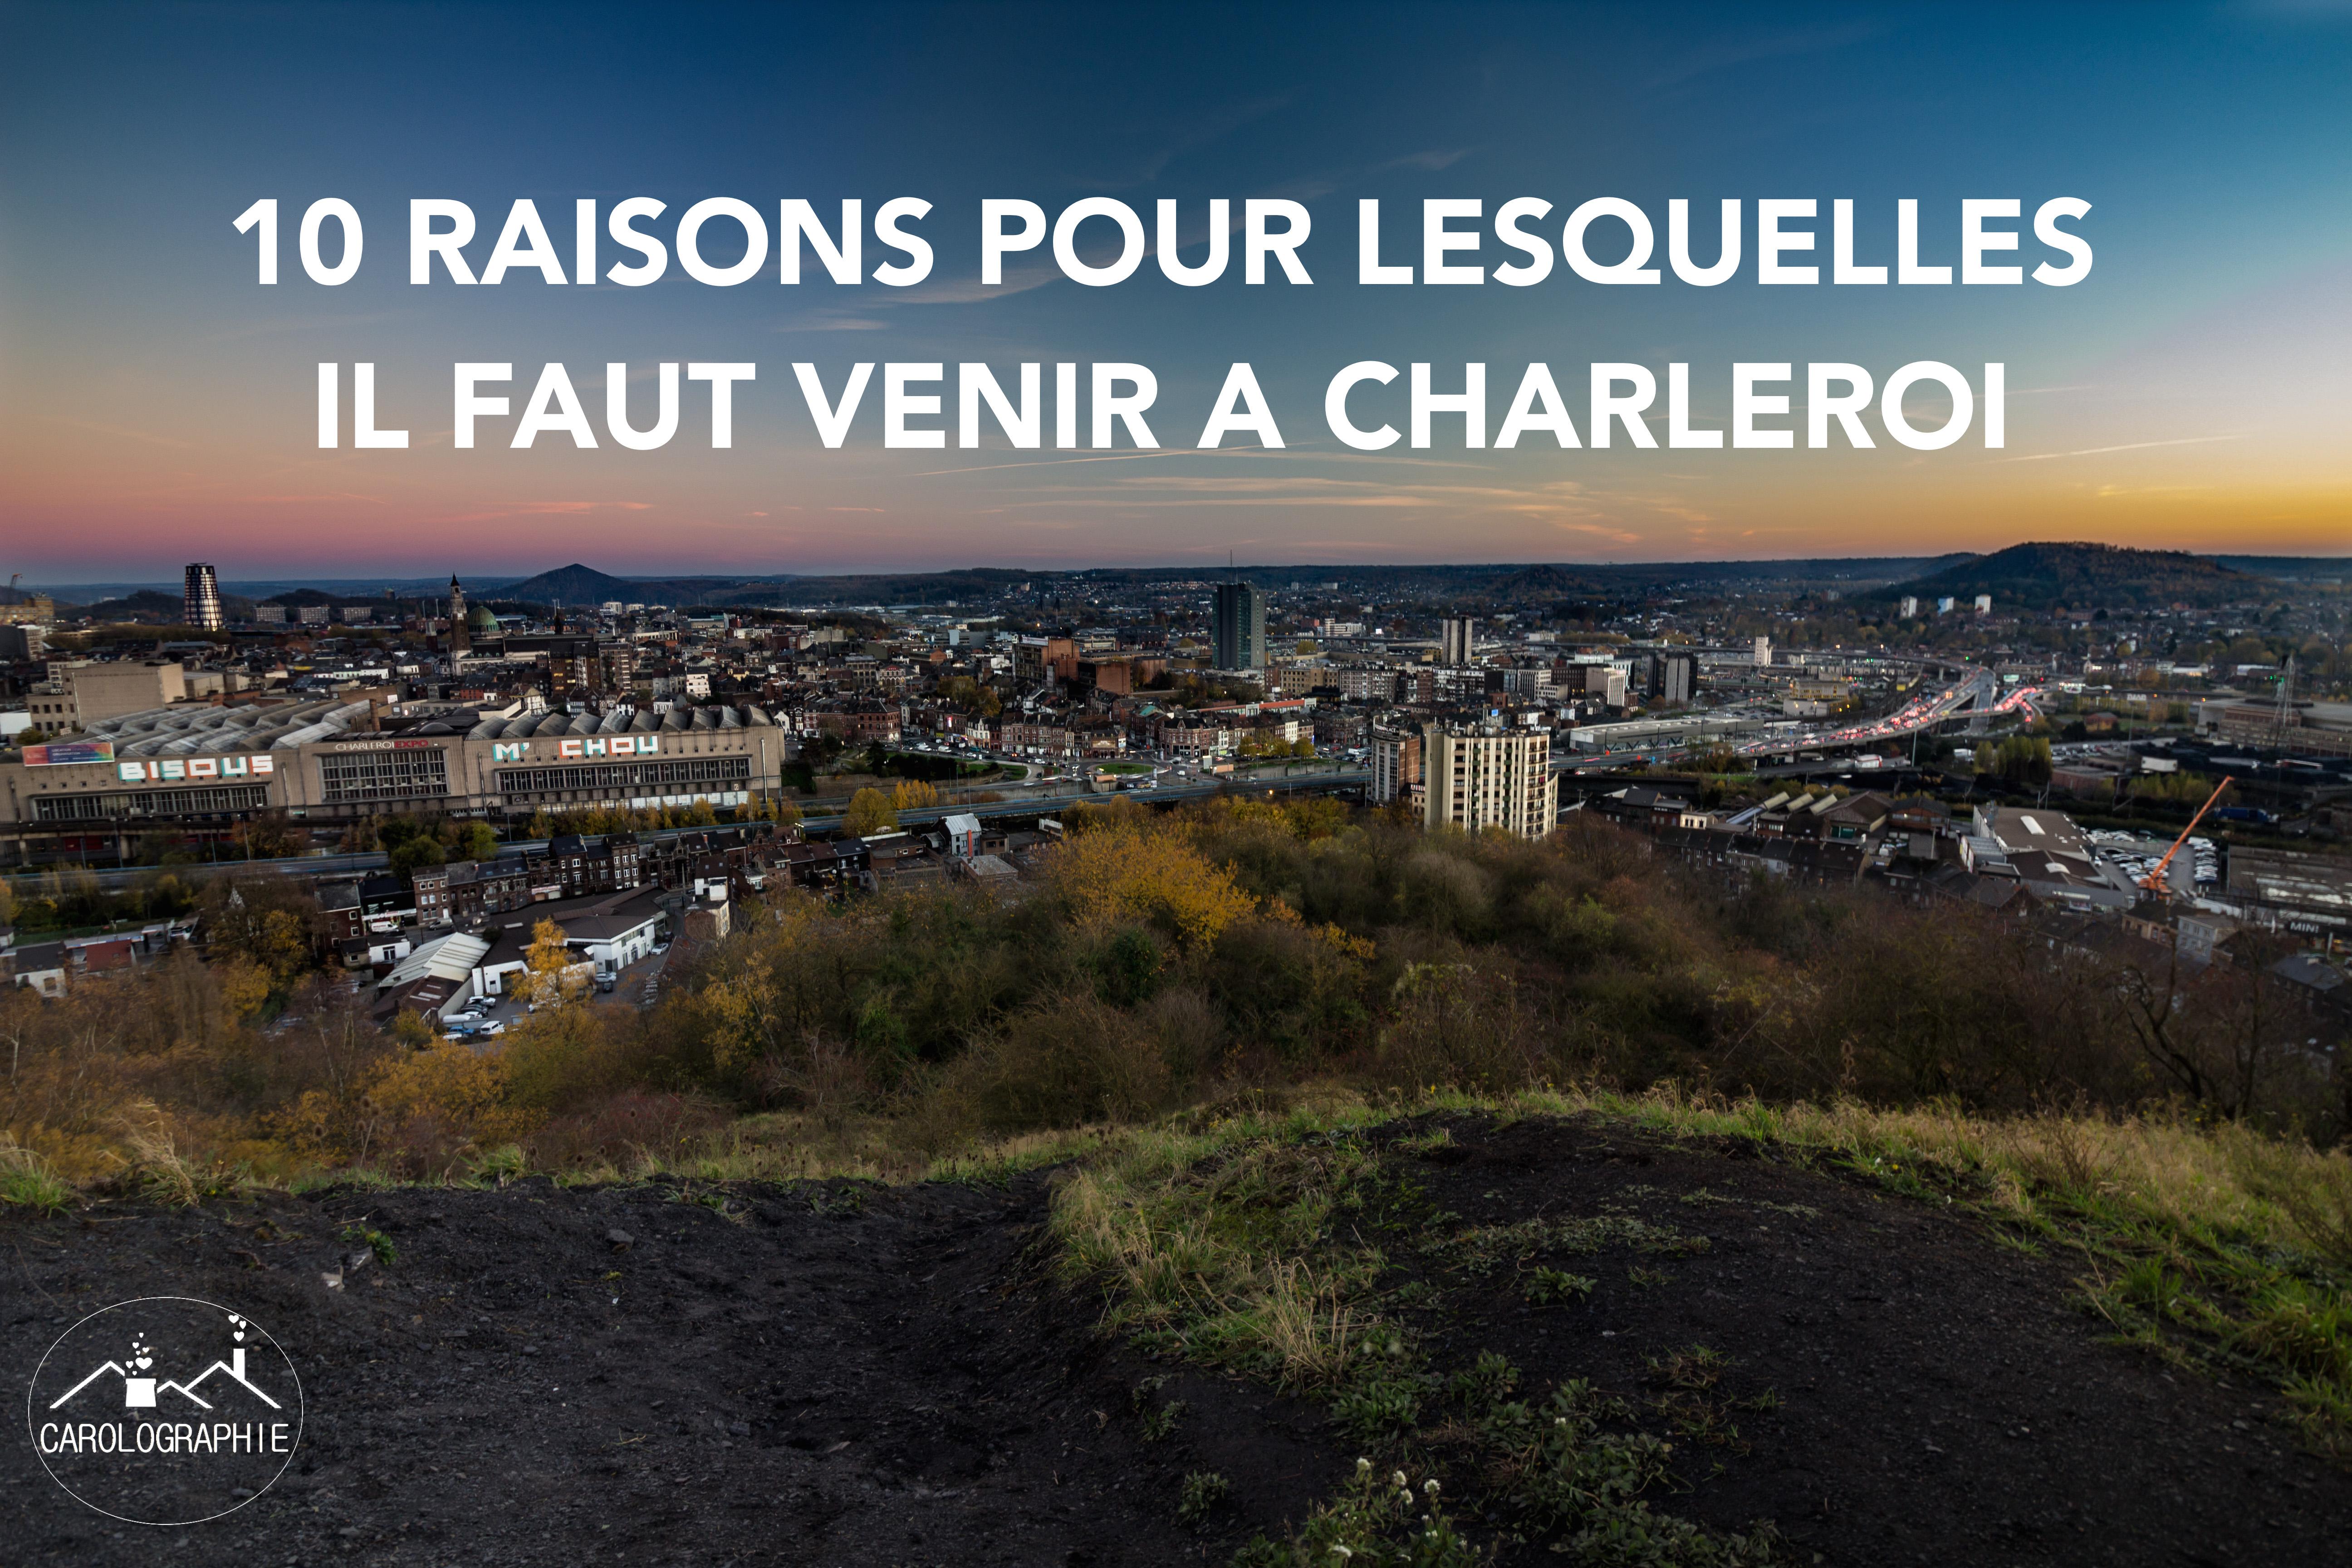 10 raisons pour lesquelles il faut venir à Charleroi